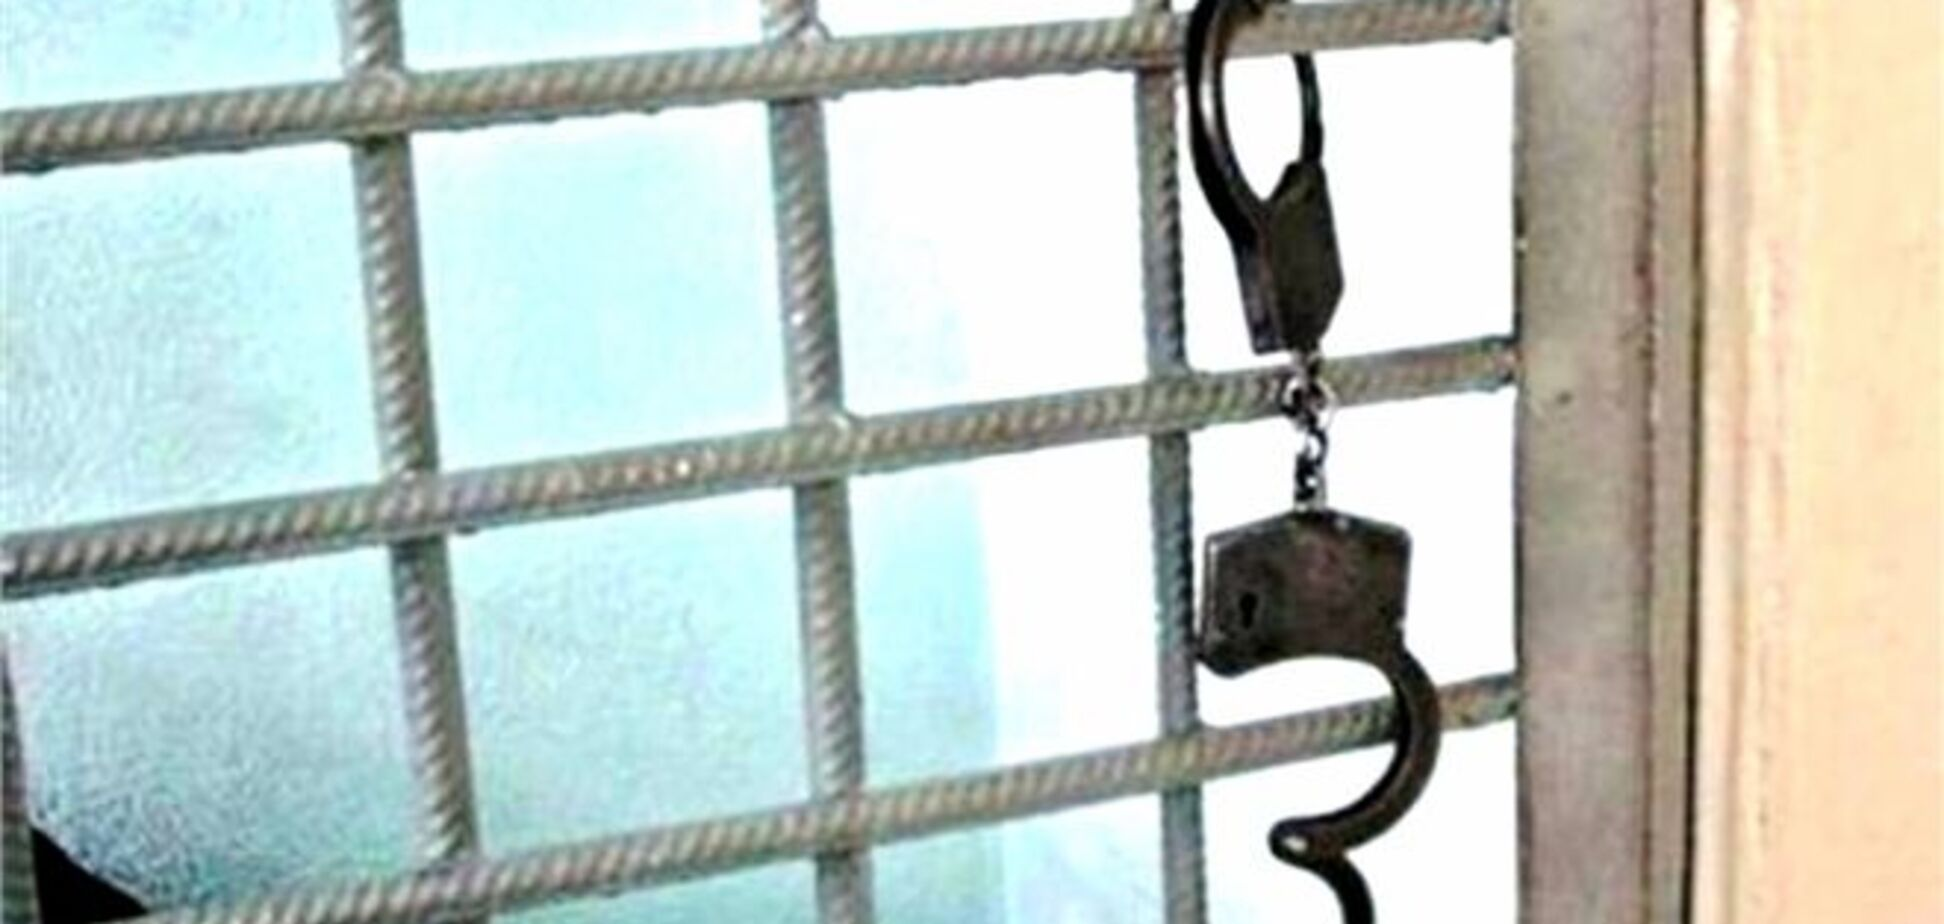 У Дніпропетровську підозрюваний викинувся з третього поверху райвідділу міліції